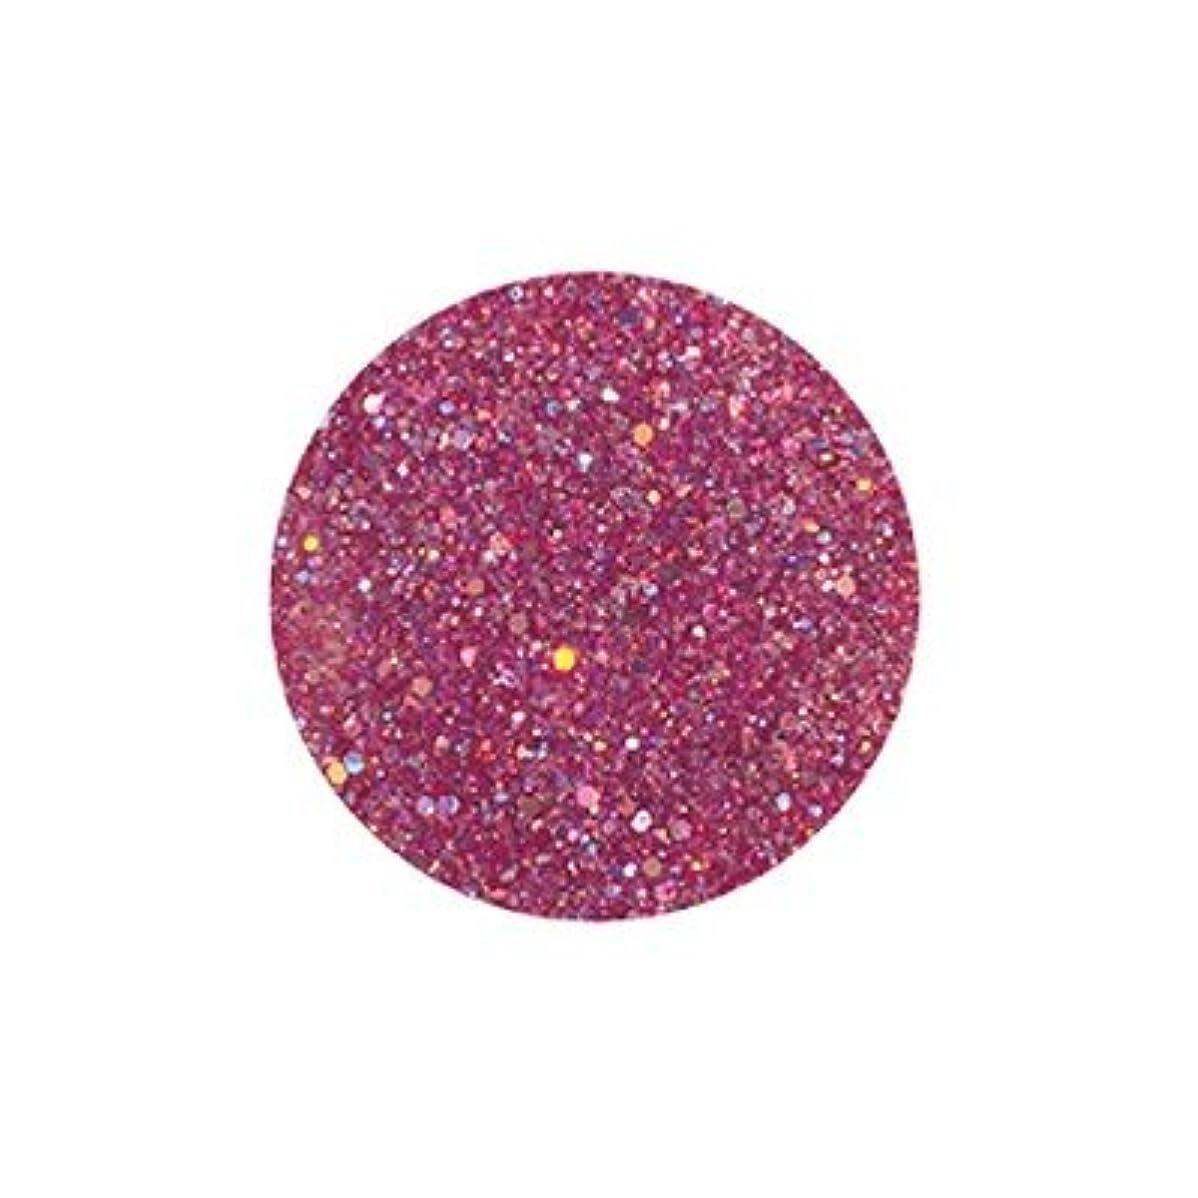 感嘆頼むラウズFANTASY NAIL ダイヤモンドコレクション 3g 4259XS カラーパウダー アート材